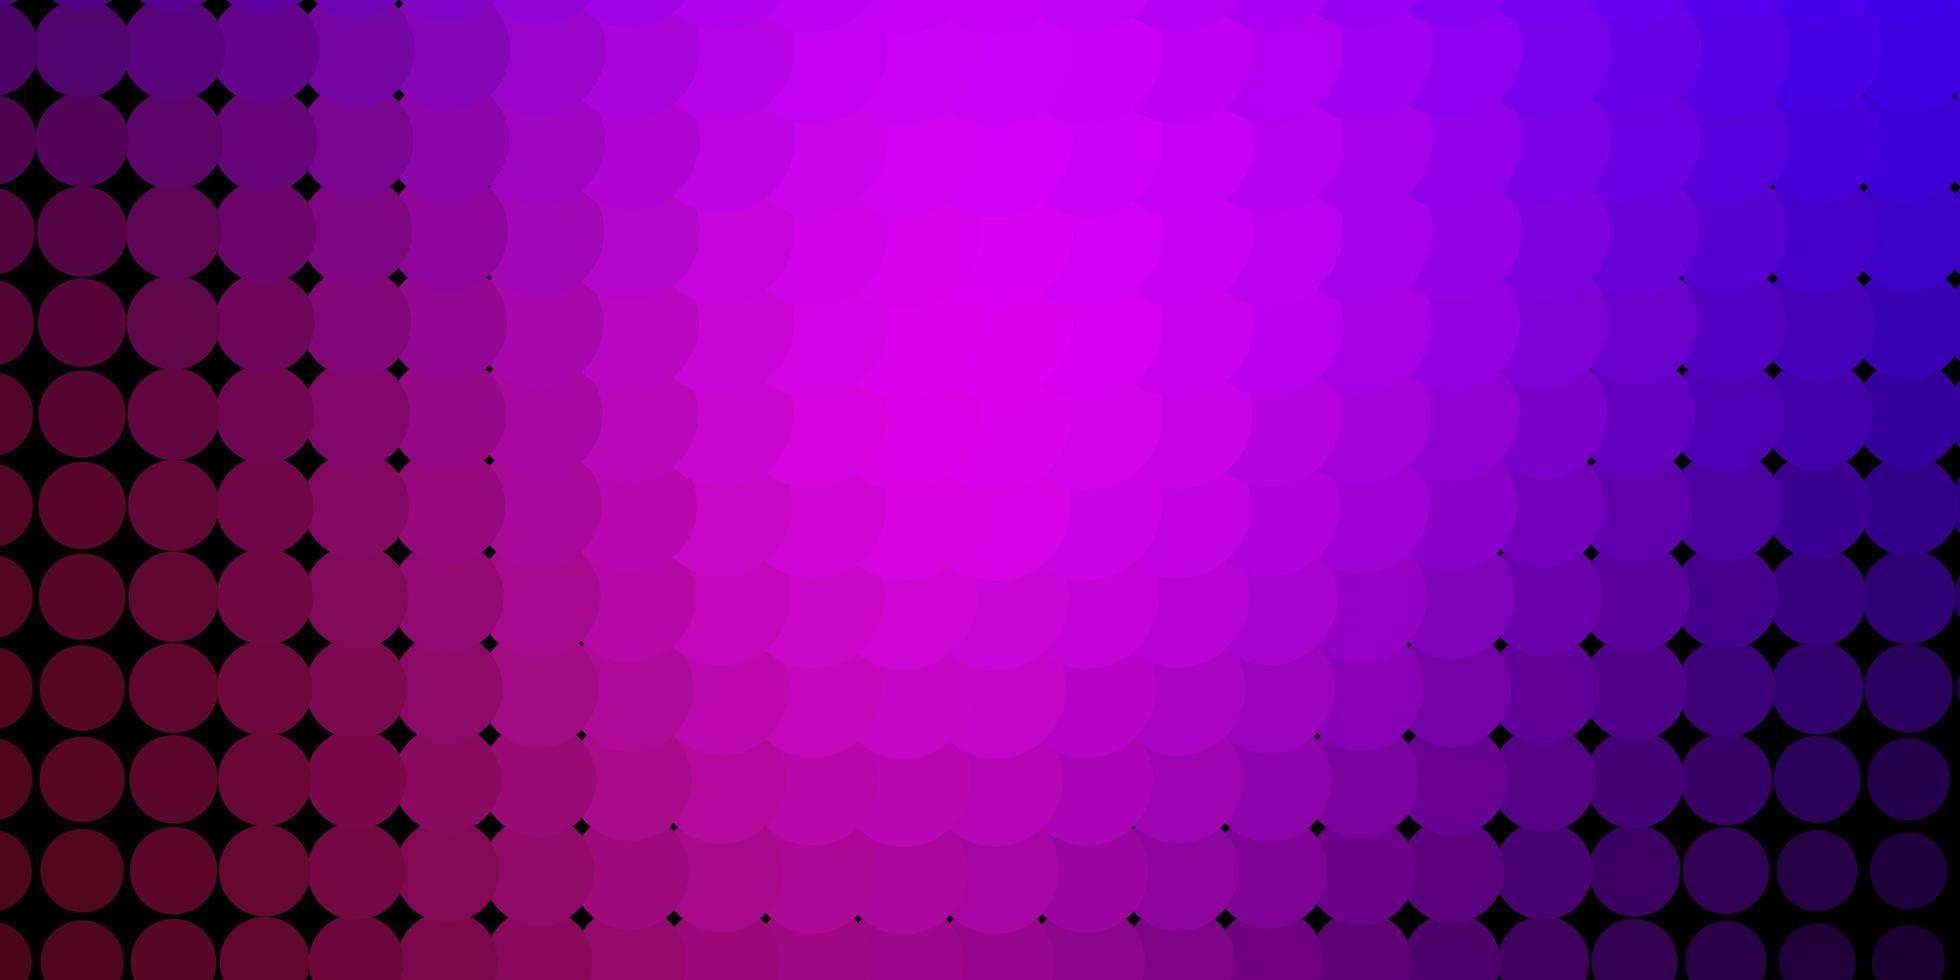 padrão de vetor roxo claro com círculos.